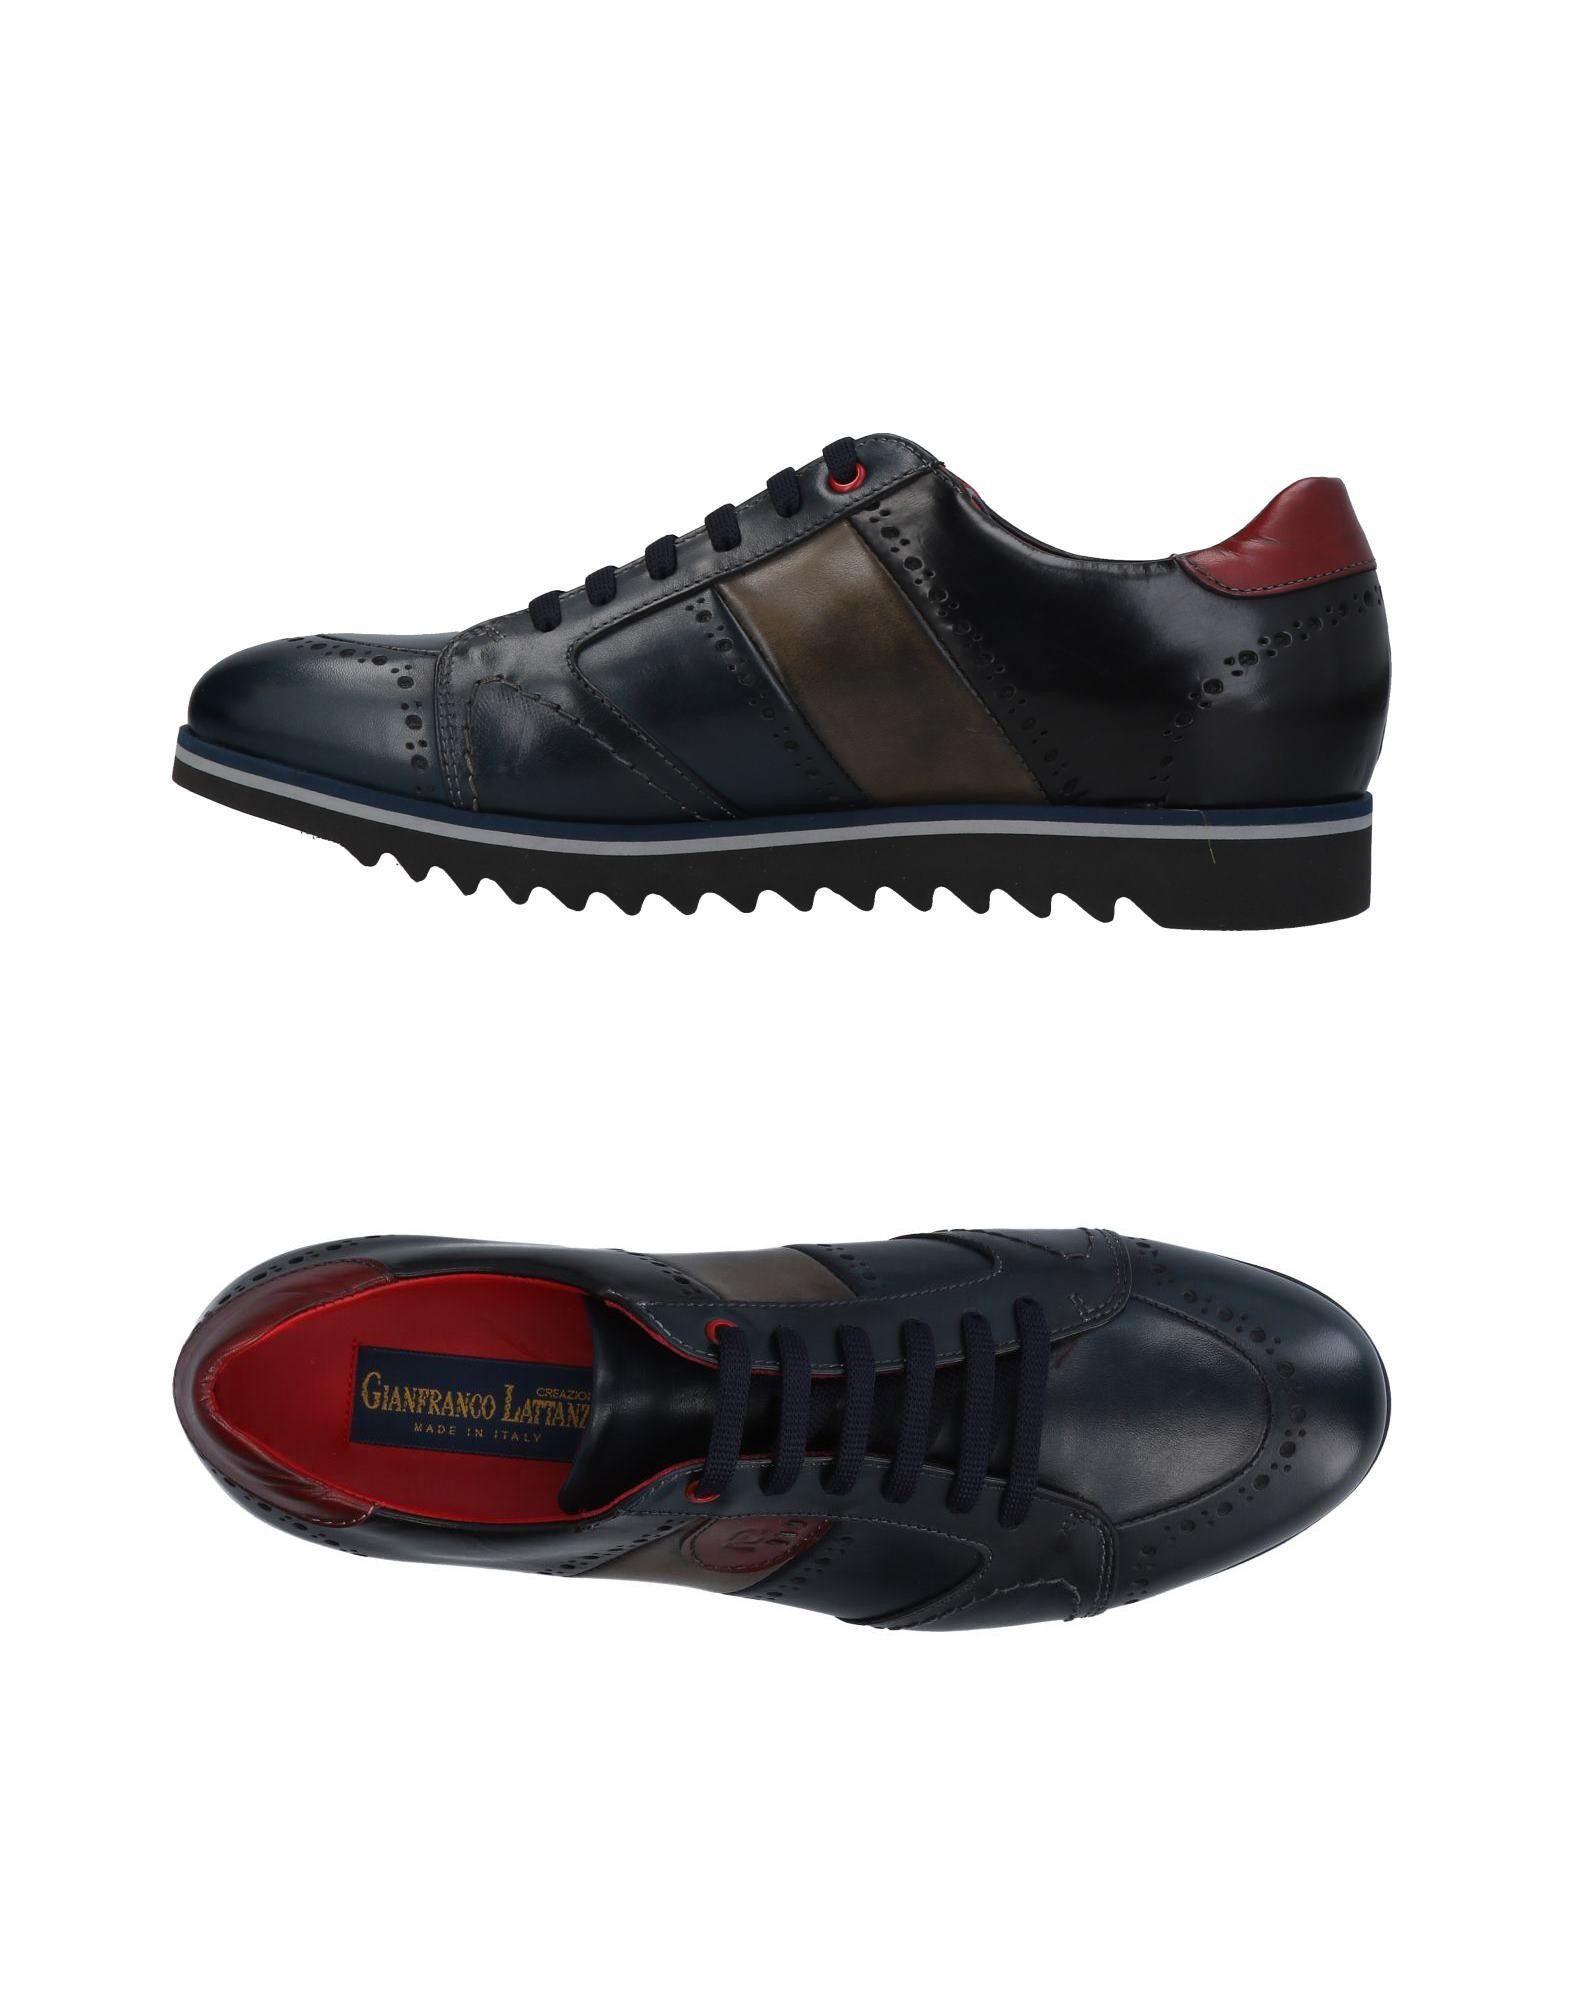 Sneakers Gianfranco Lattanzi Homme - Sneakers Gianfranco Lattanzi  Bleu foncé Nouvelles chaussures pour hommes et femmes, remise limitée dans le temps